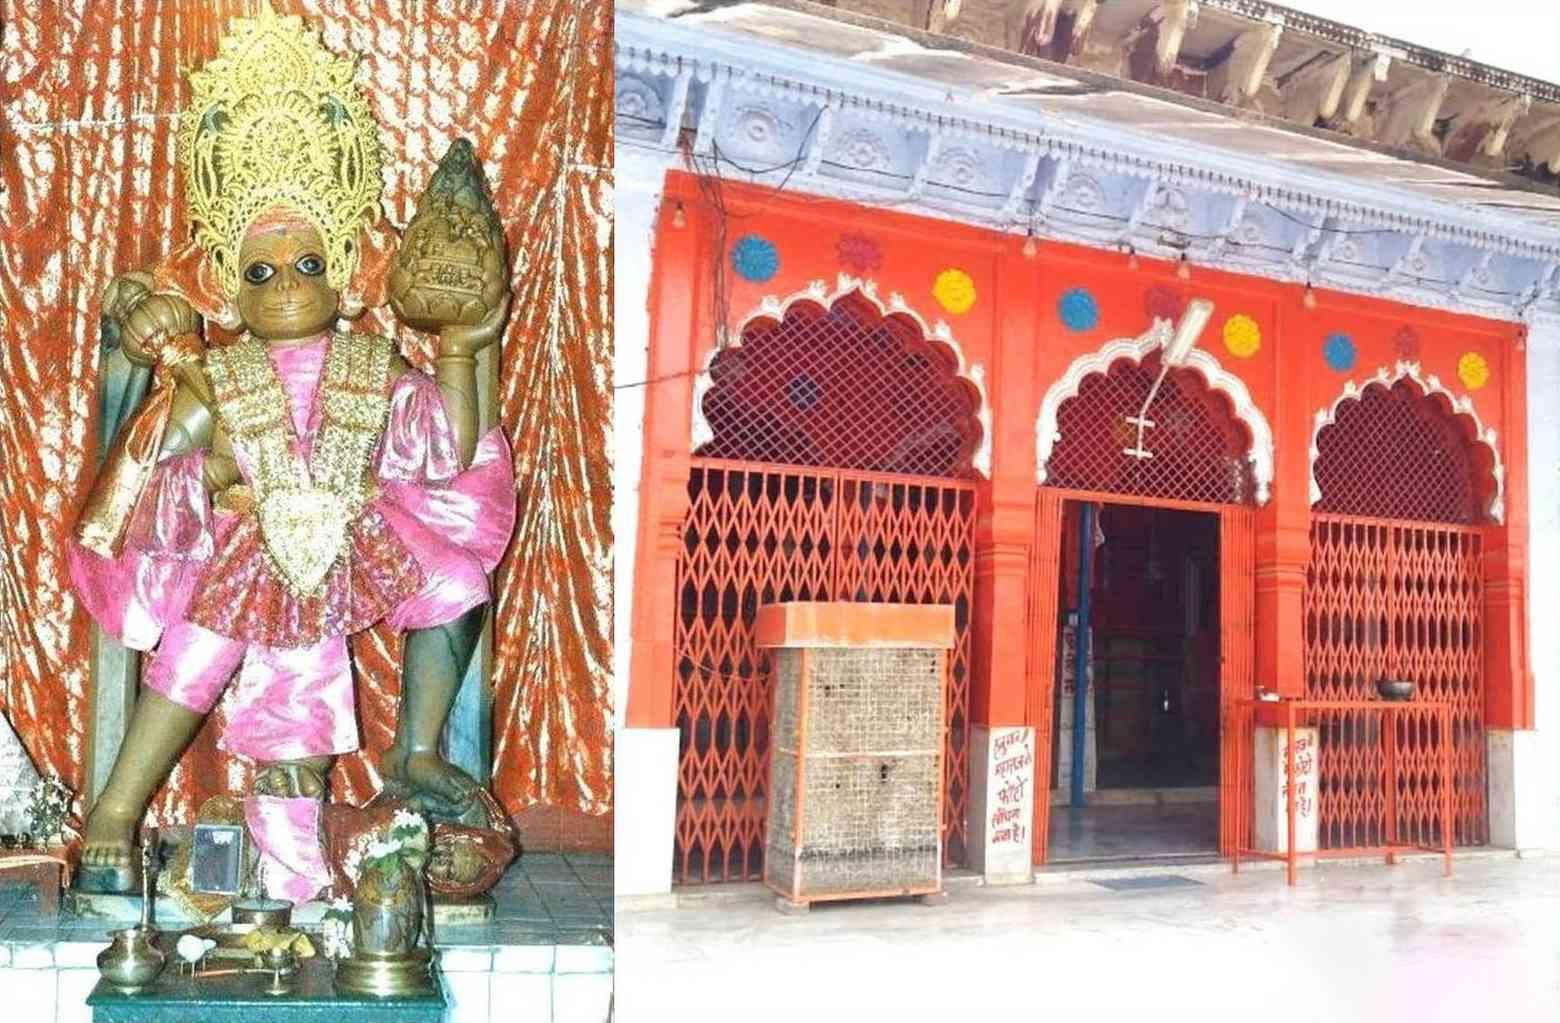 Mandir Shri Ram Janki and Hanuman Ji